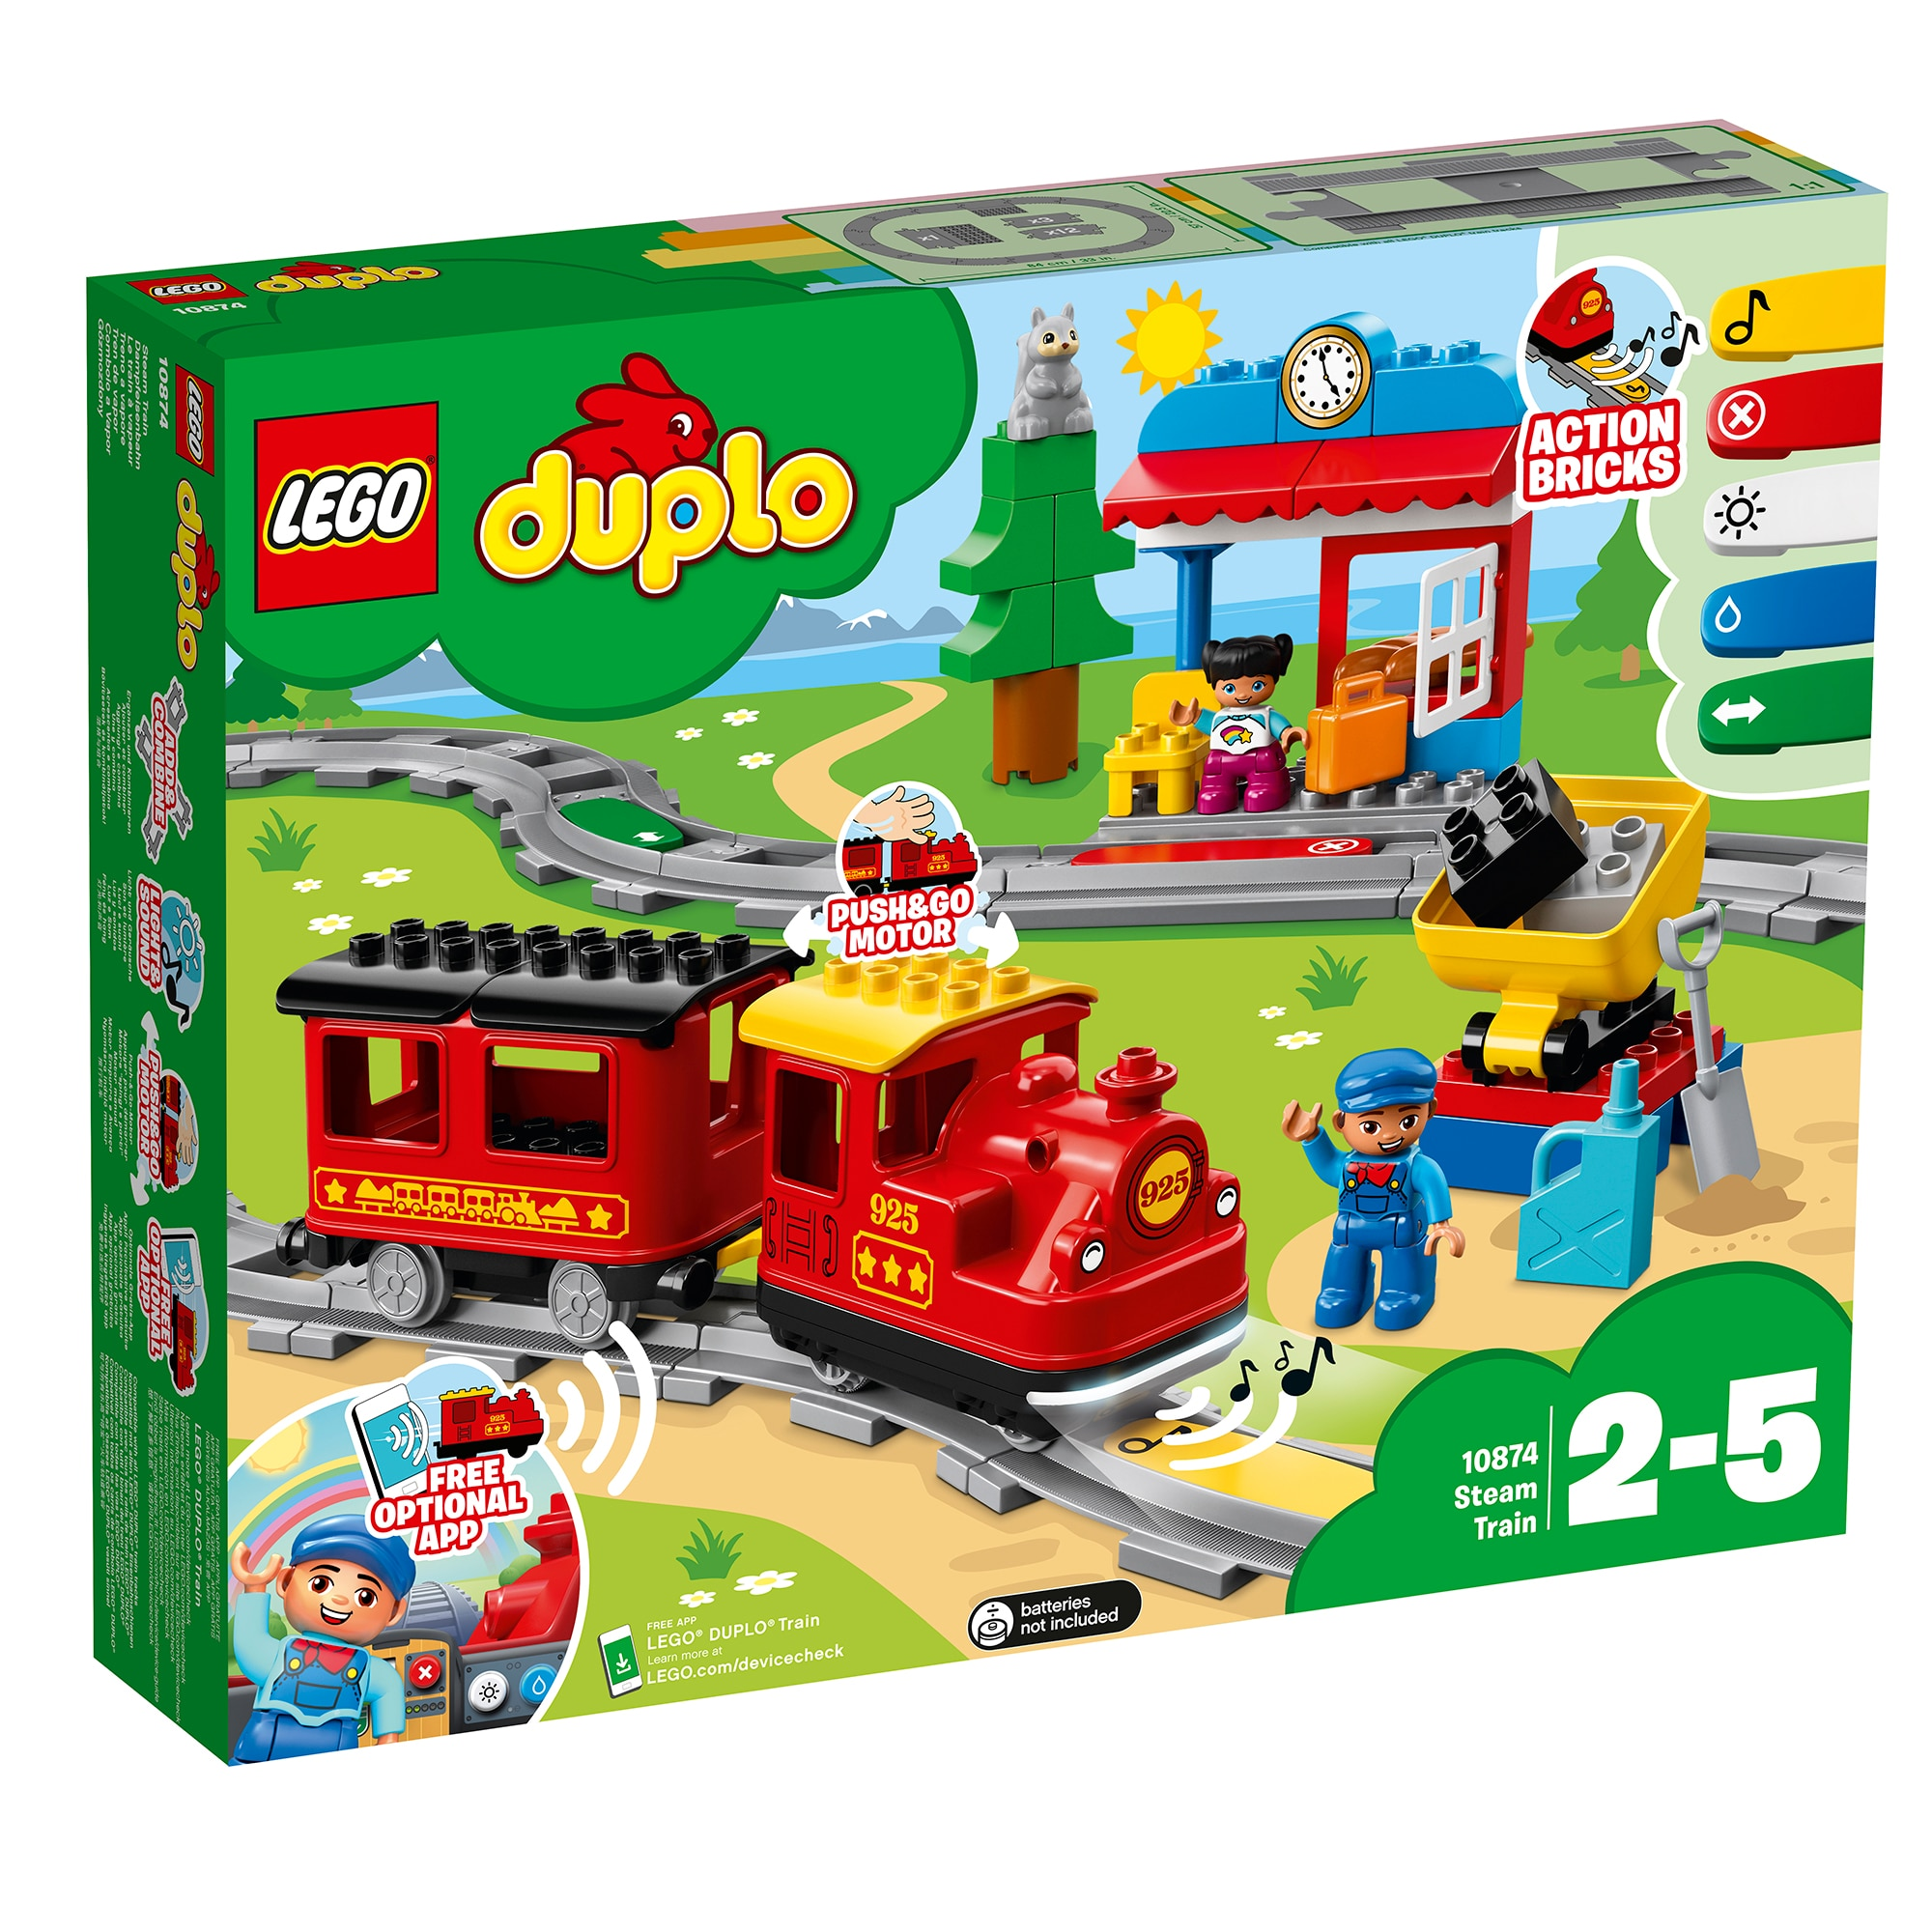 Fotografie LEGO DUPLO - Tren cu aburi 10874